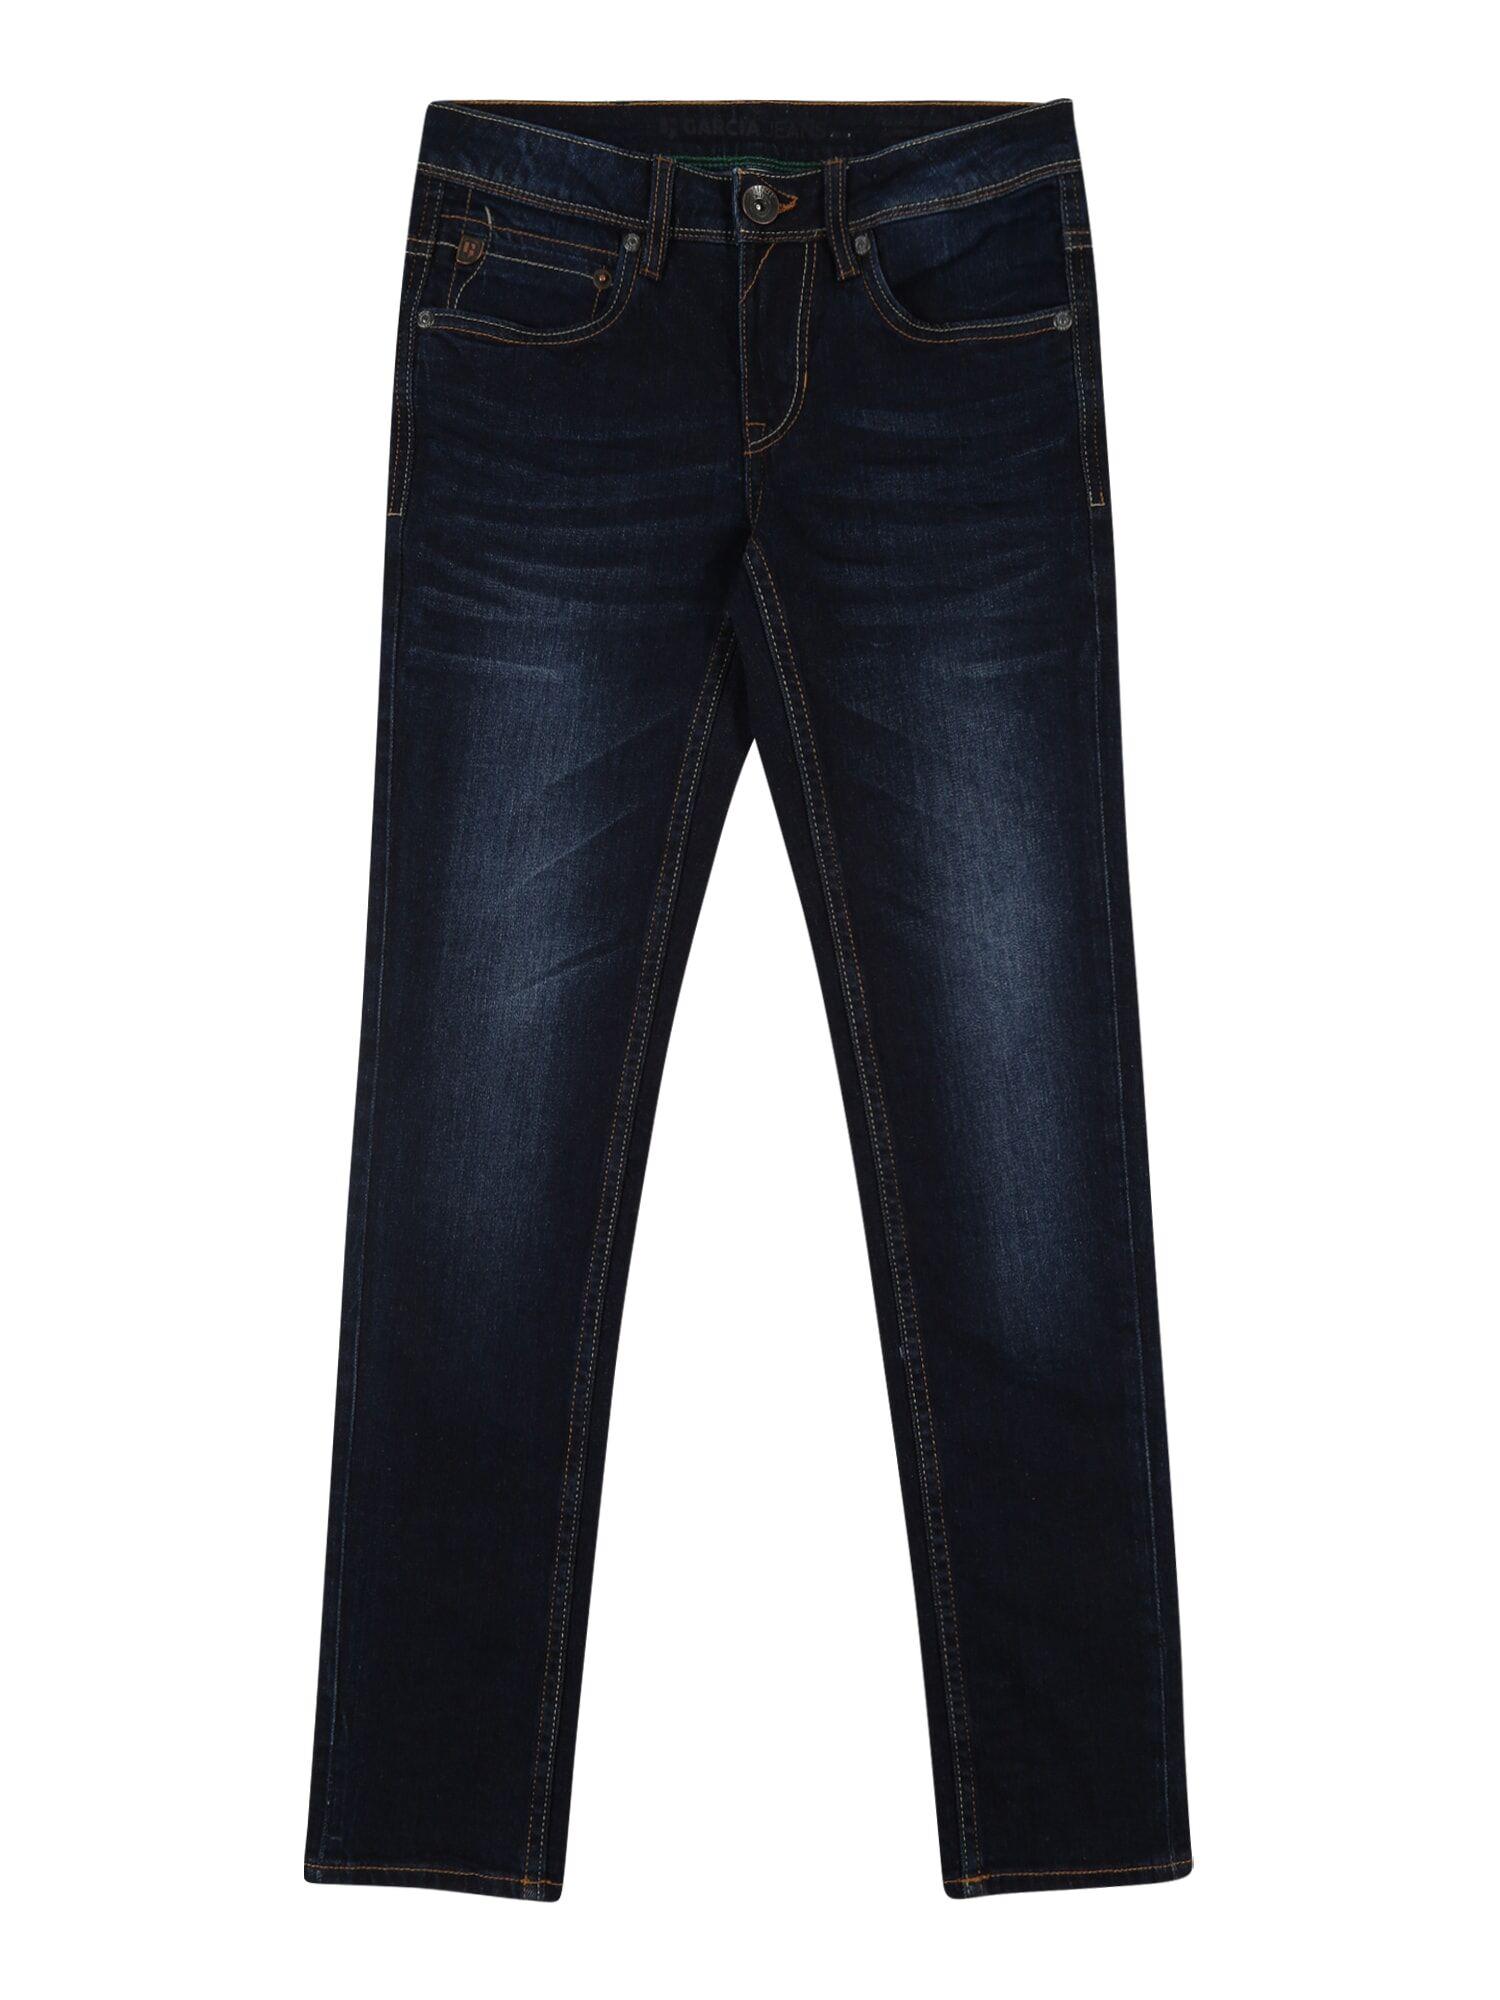 GARCIA Jean 'Xandro'  - Bleu - Taille: 158 - boy